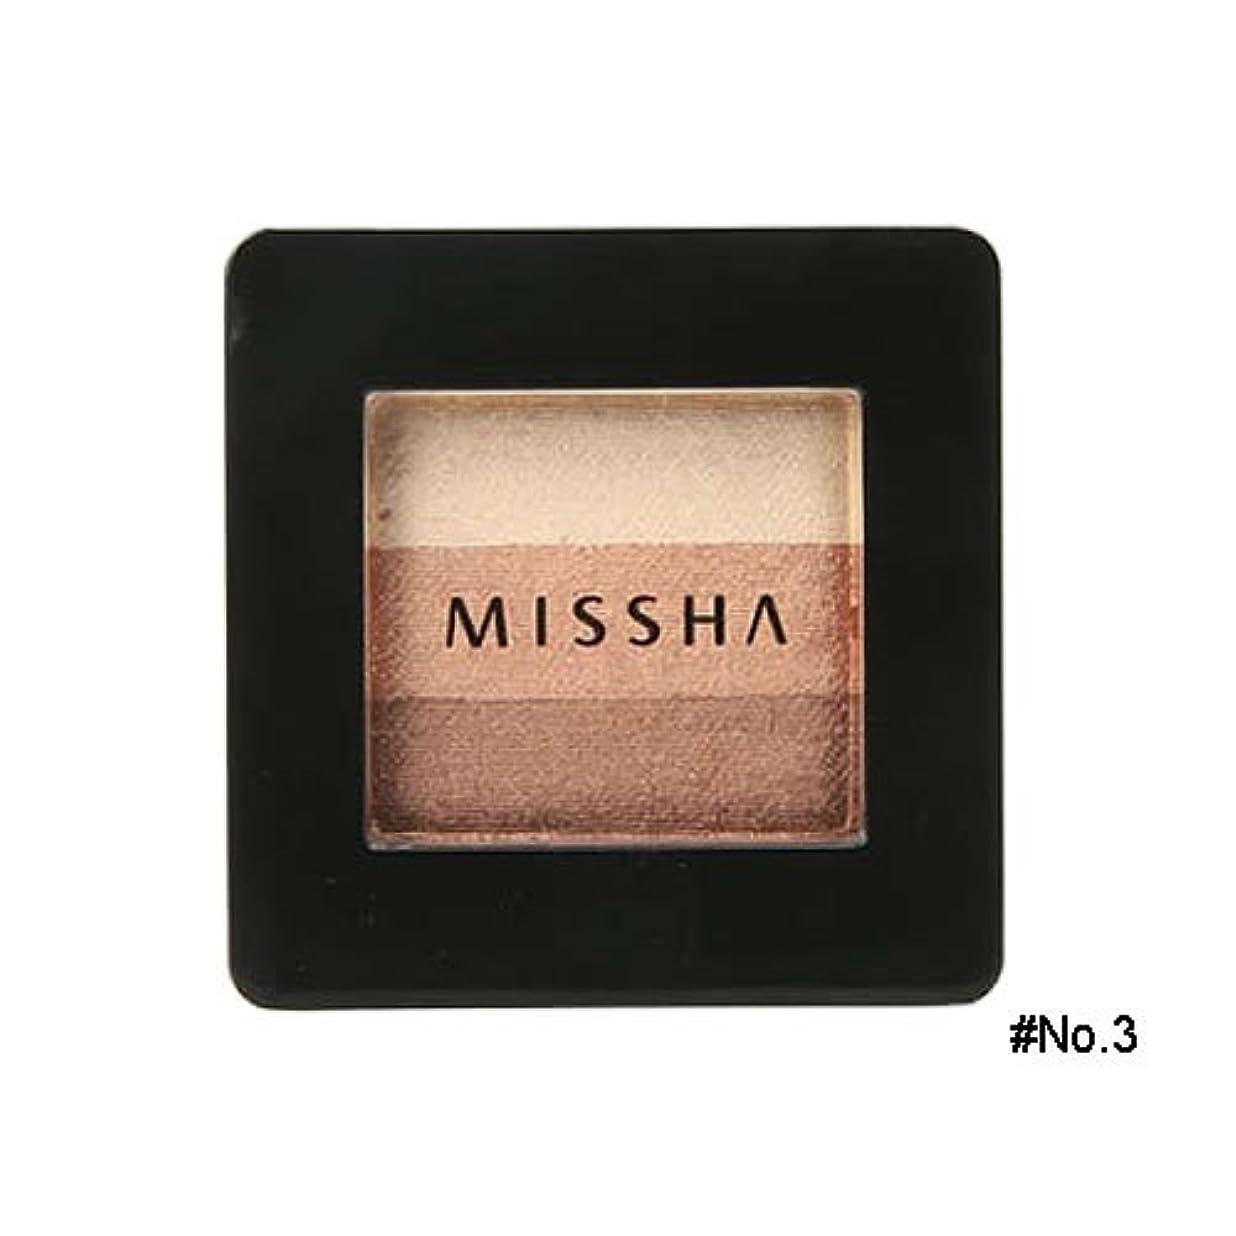 文庫本逸脱広々ミシャ(MISSHA) トリプルシャドウ 2g No.3(モカベージュ) [並行輸入品]